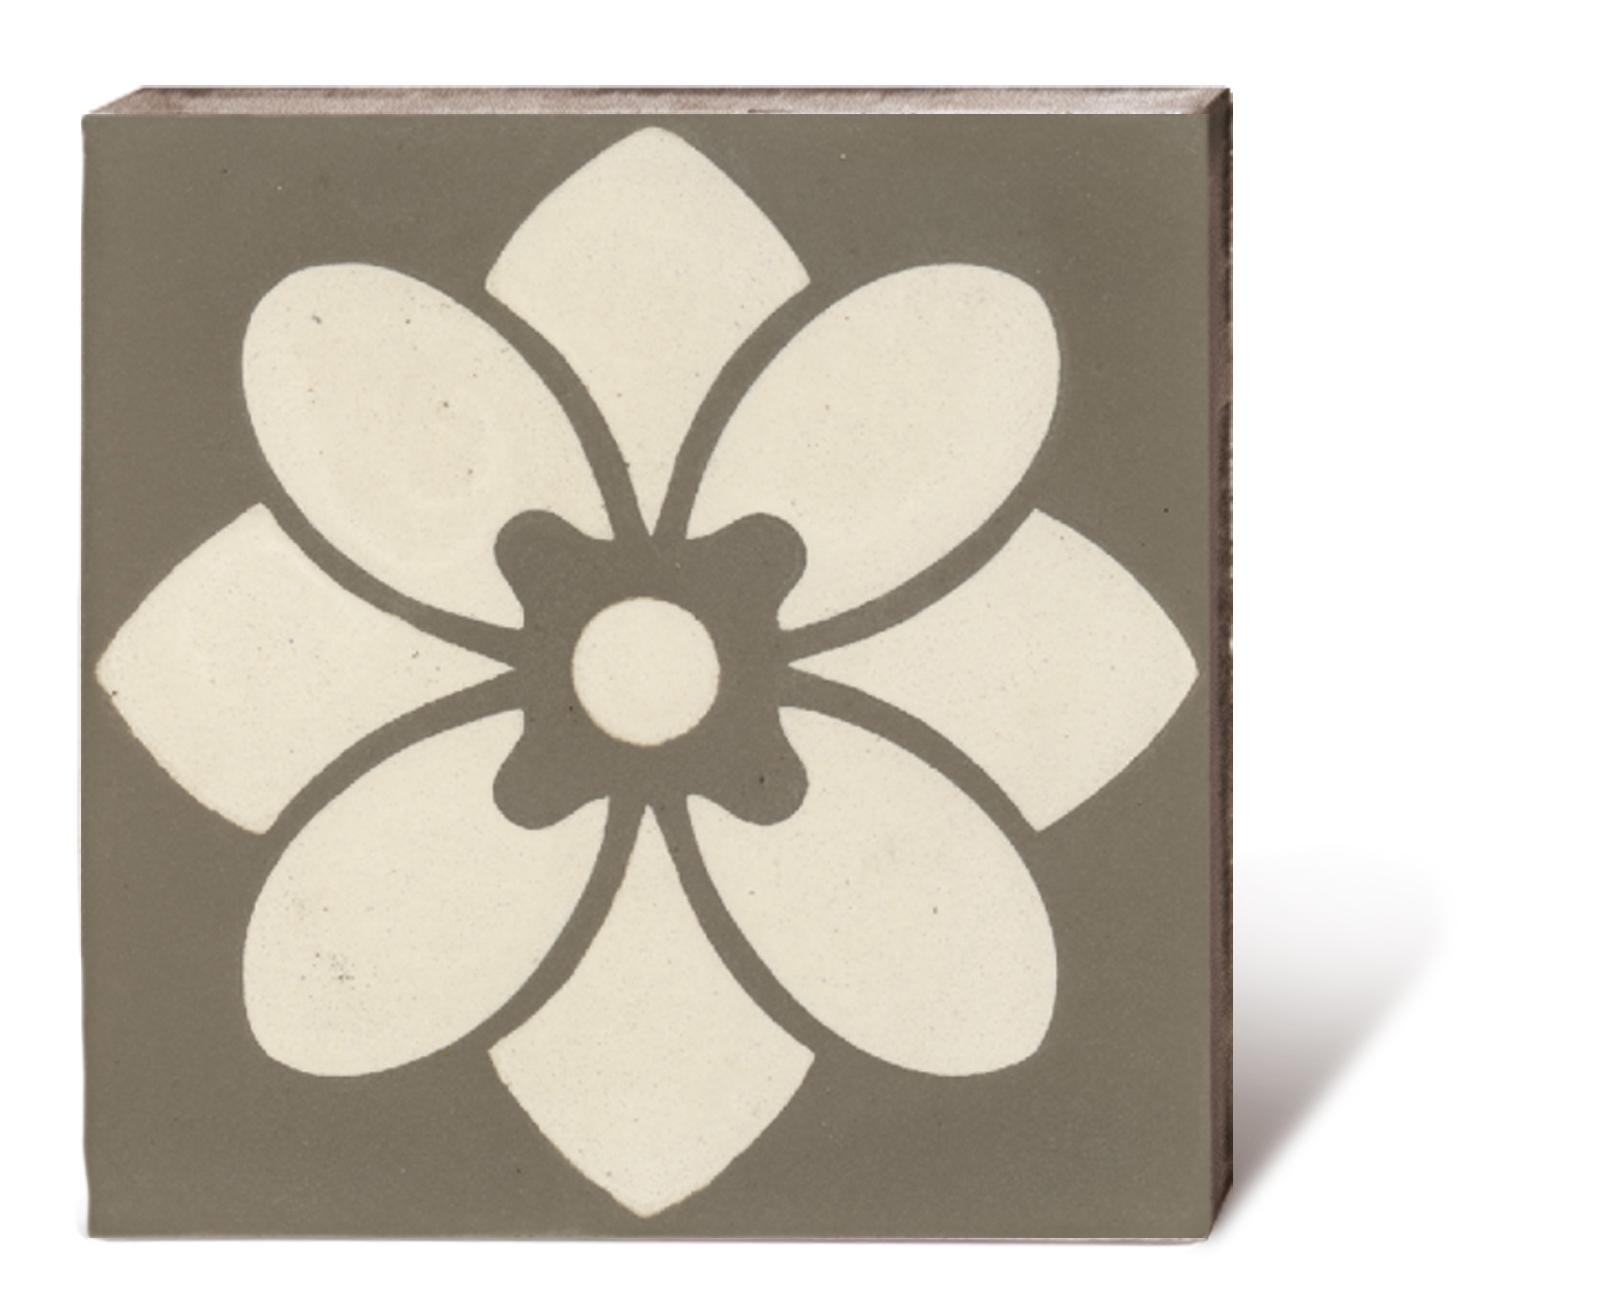 zementmosaikplatten-nr.51081-viaplatten